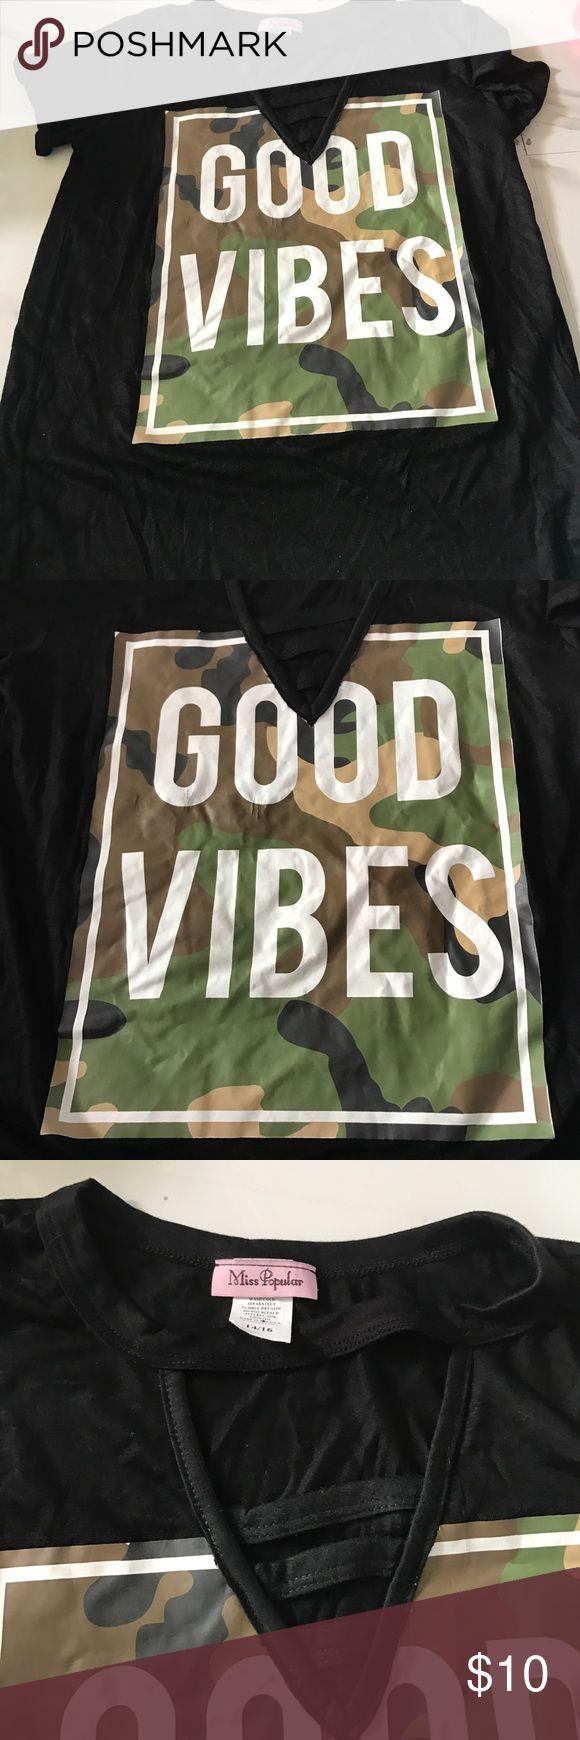 Designer emoji top Good vibes.   Box60e.  New no tag Shirts & Tops Tees - Short Sleeve